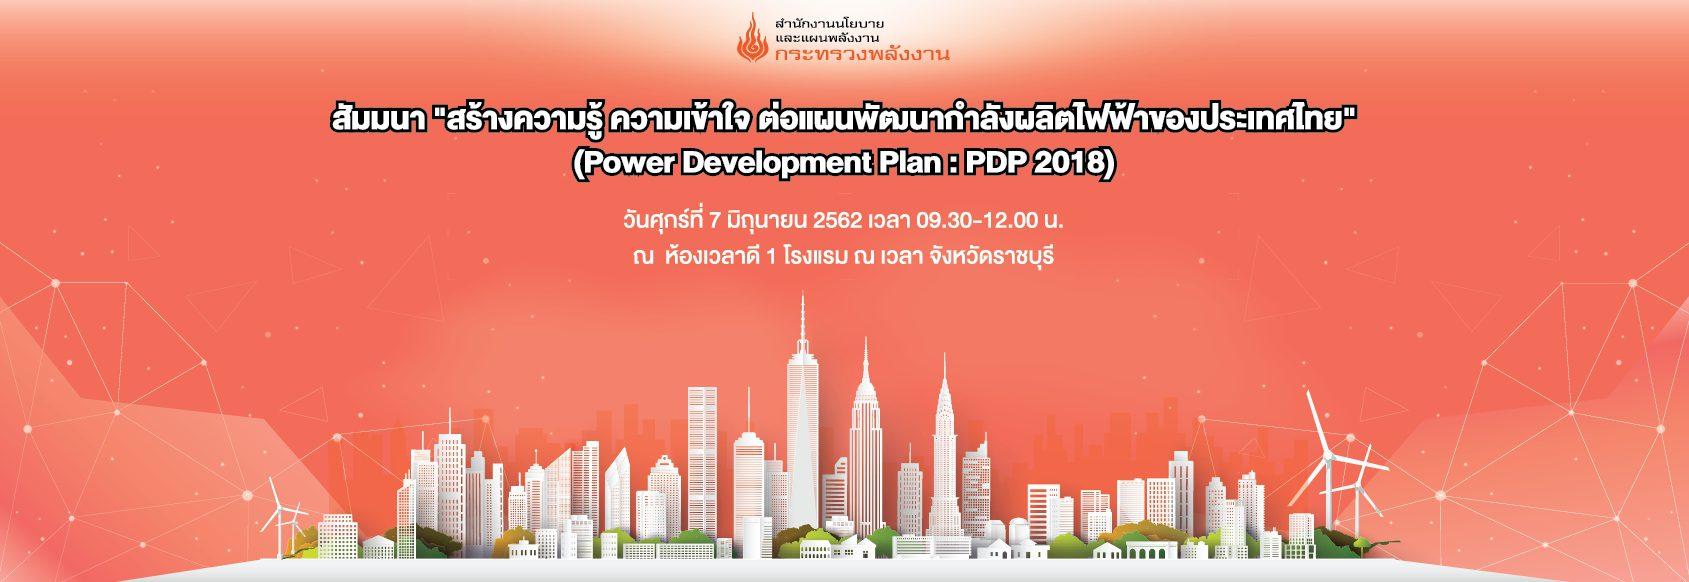 กระทรวงพลังงาน โดยสำนักงานนโยบายและแผนพลังงาน (สนพ.)  จัดกิจกรรมสัมมนา PDP 2018 ในวันศุกร์ที่ 7 มิถุนายน 2562  ณ  จังหวัดราชบุรี